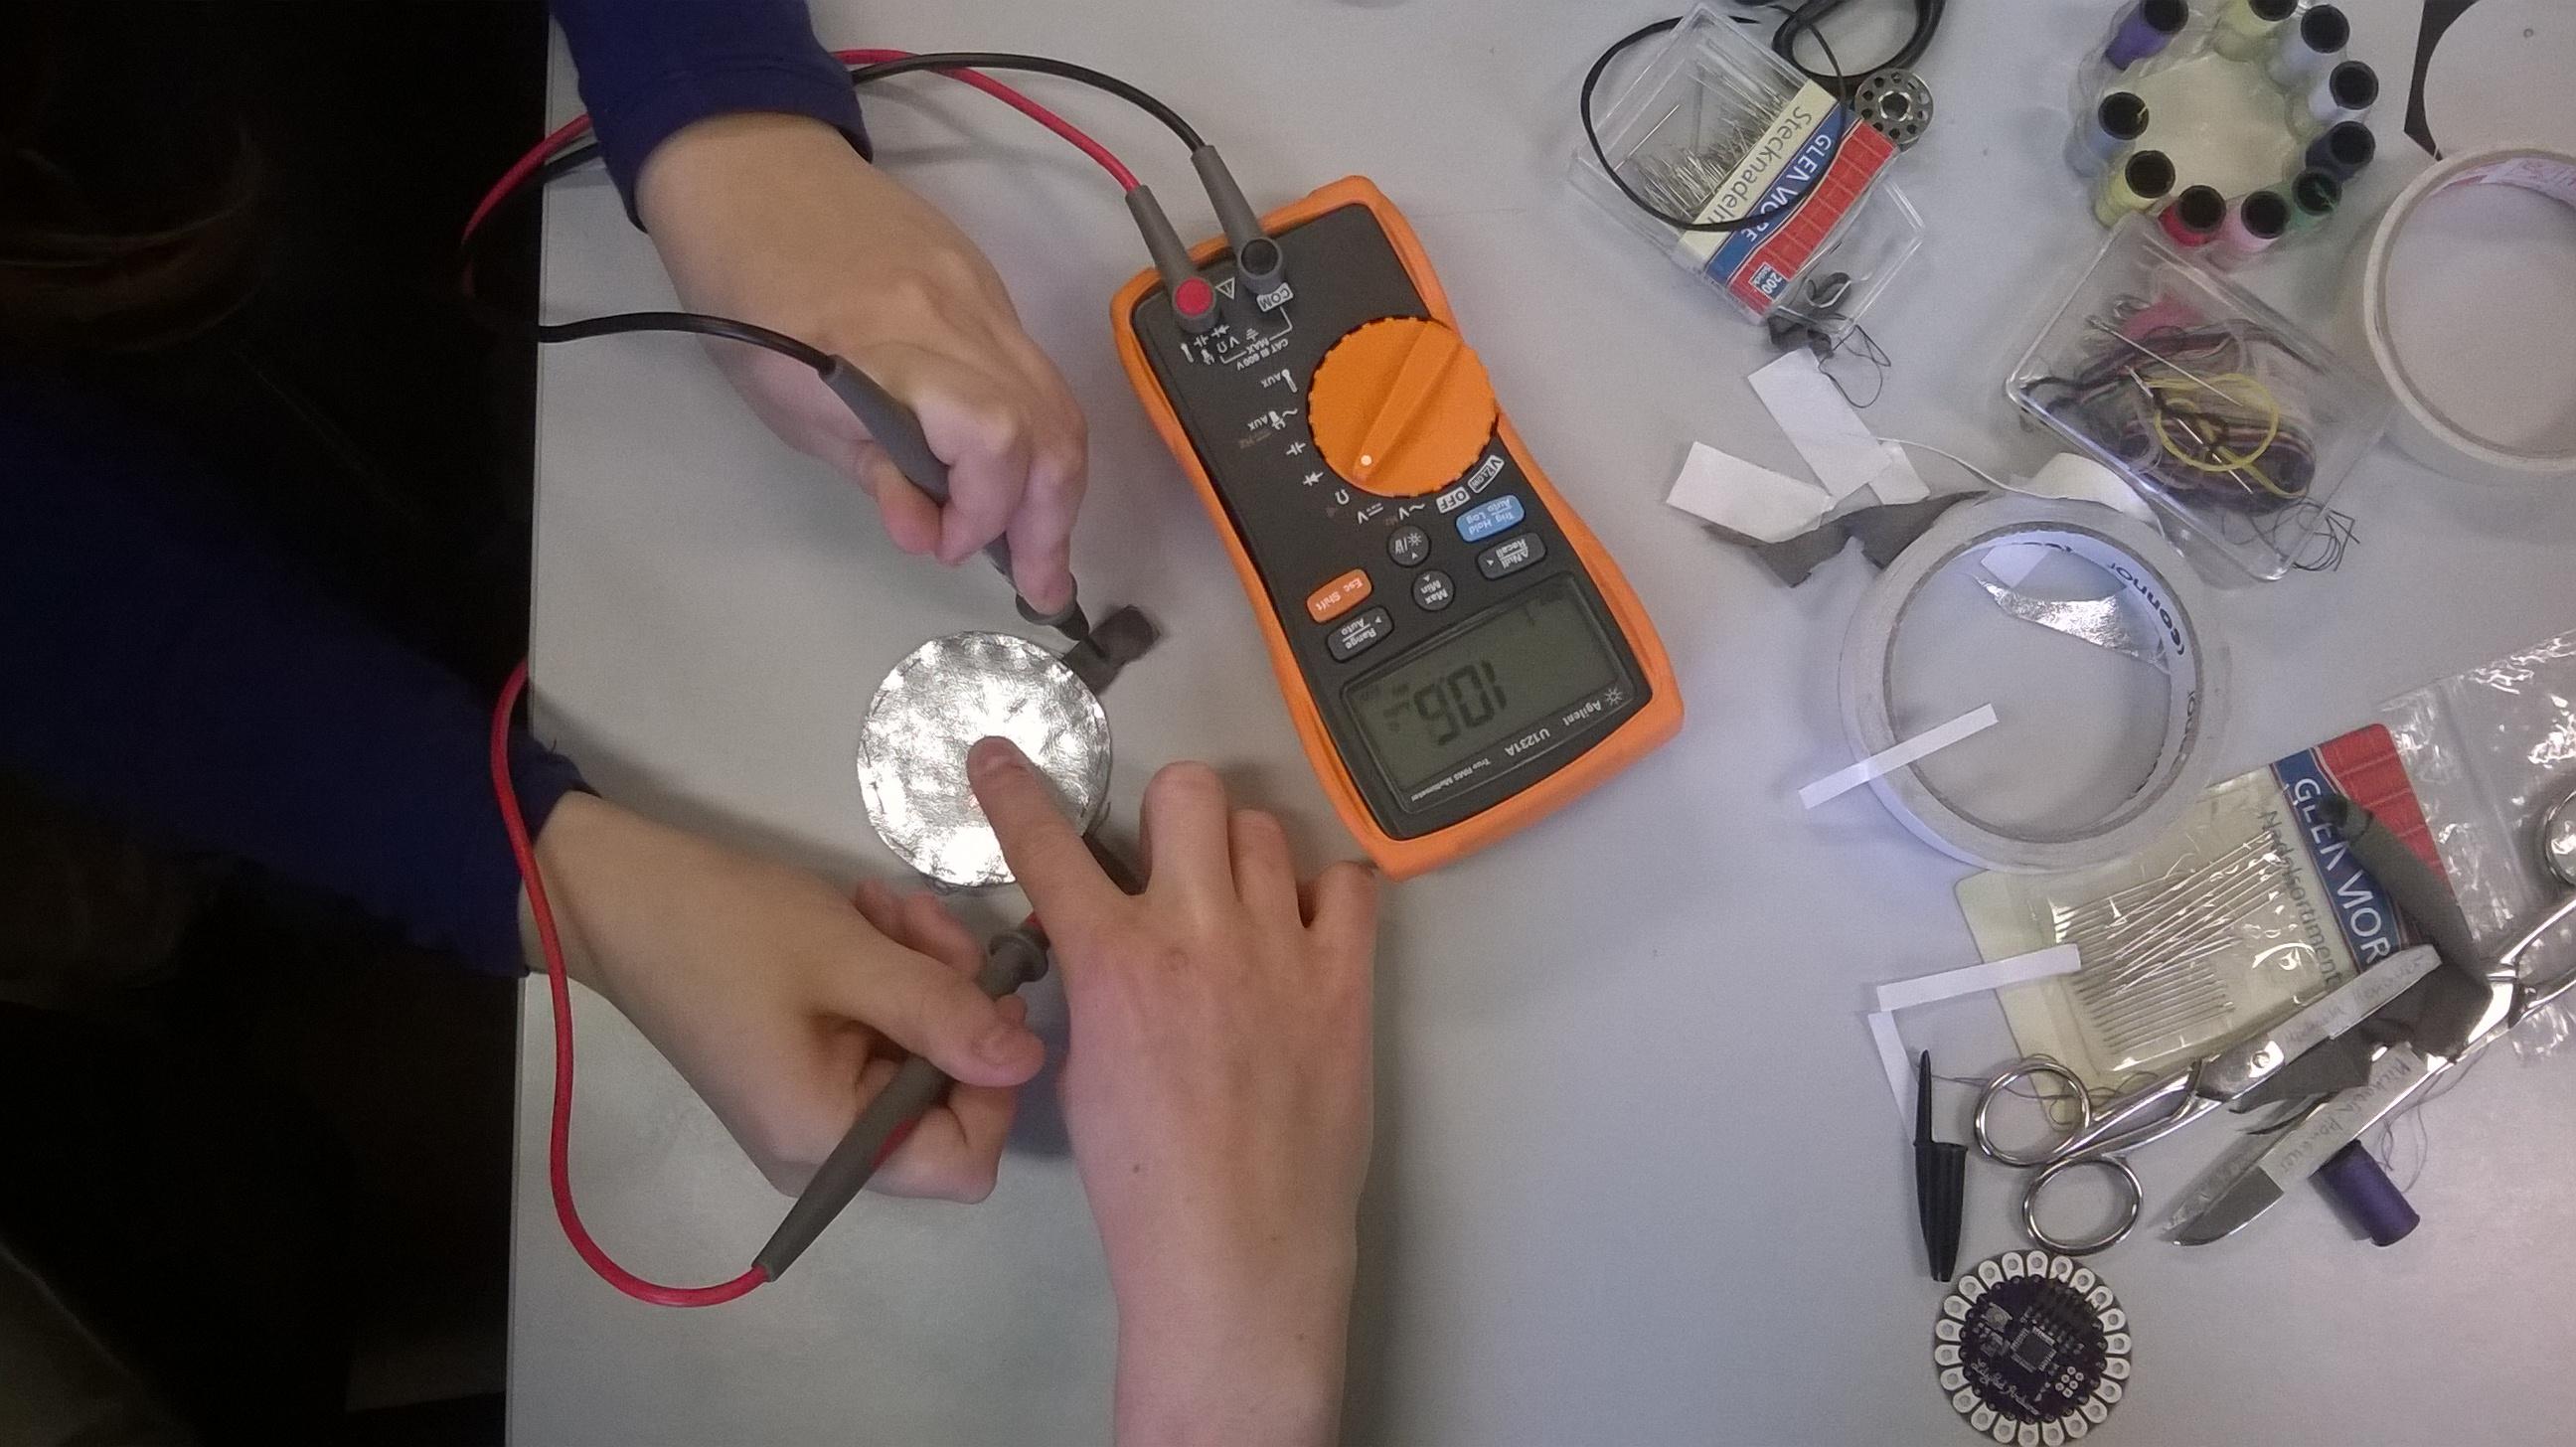 Pressure Sensor Experiments Costumes And Sensors